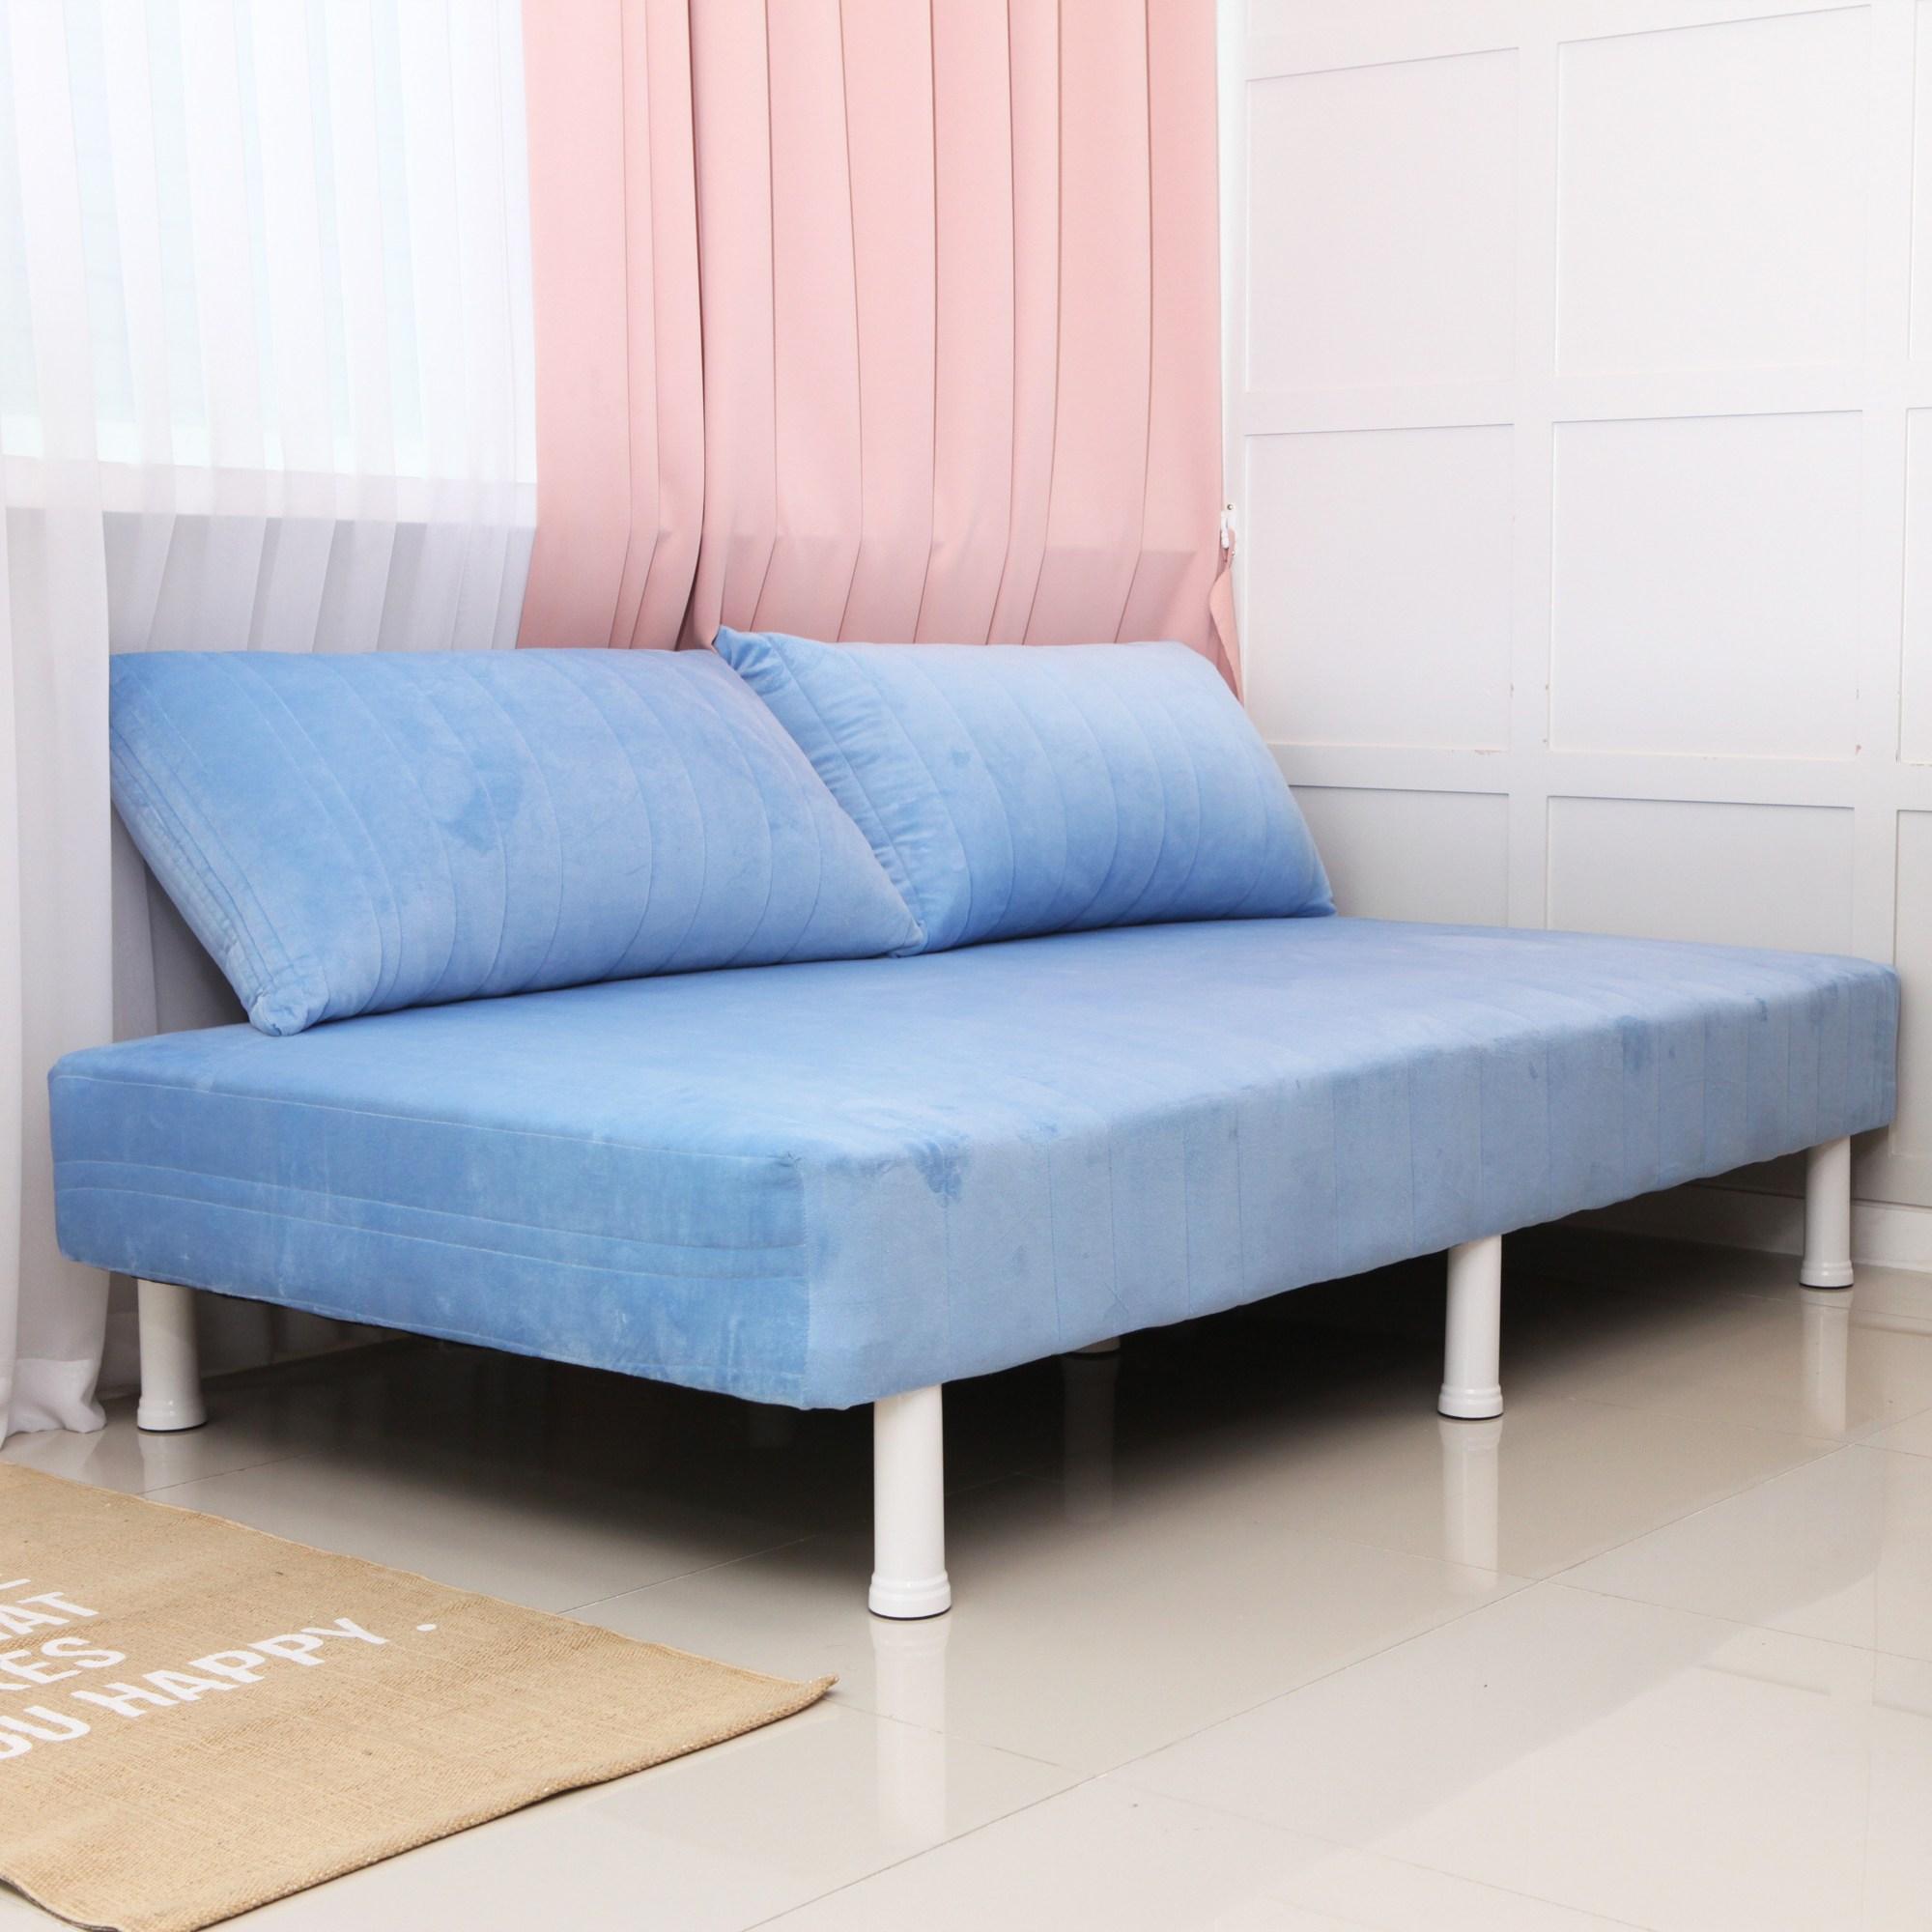 미코퍼니처 (수도권무배&케미컬라텍스증정이벤트)원룸 단면매트리스 침대 발통포함, 블루